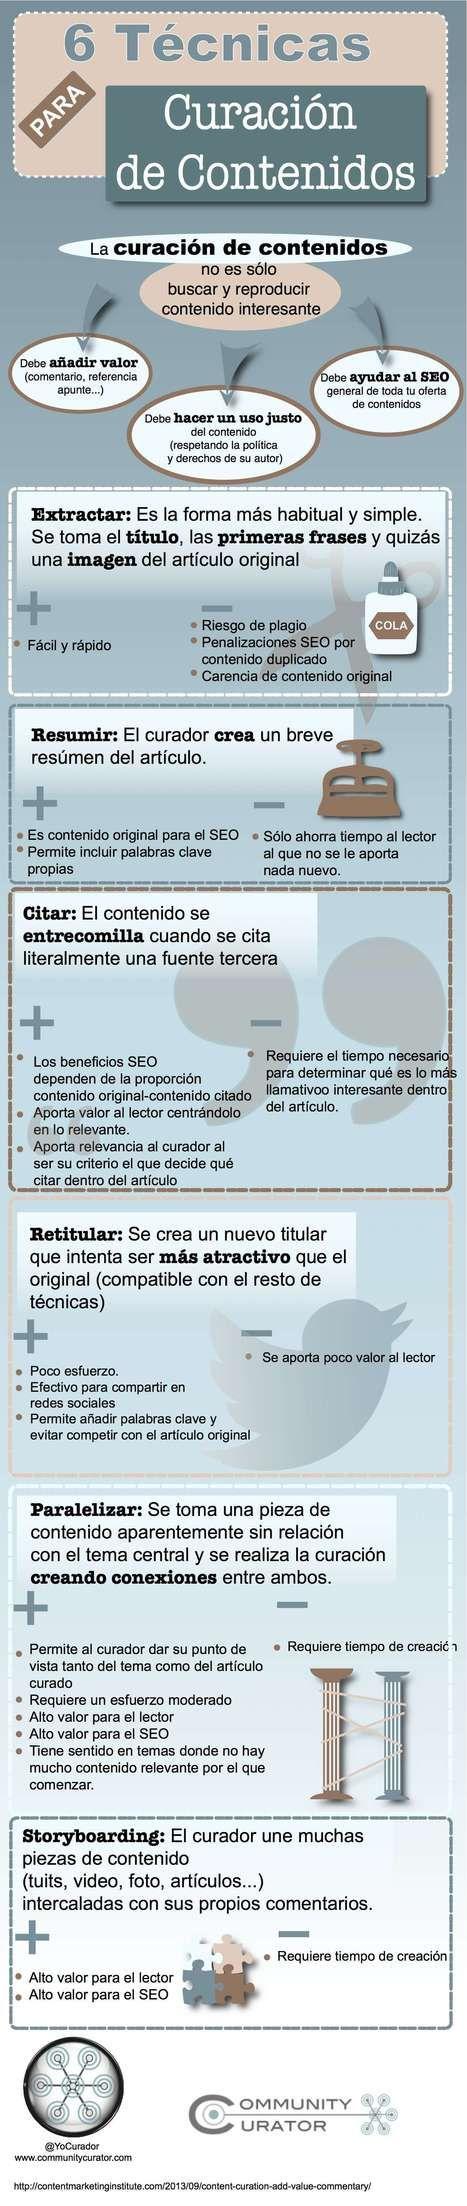 Curación de Contenidos | Scoop.it  http://giovannibenavides.com/thecreator